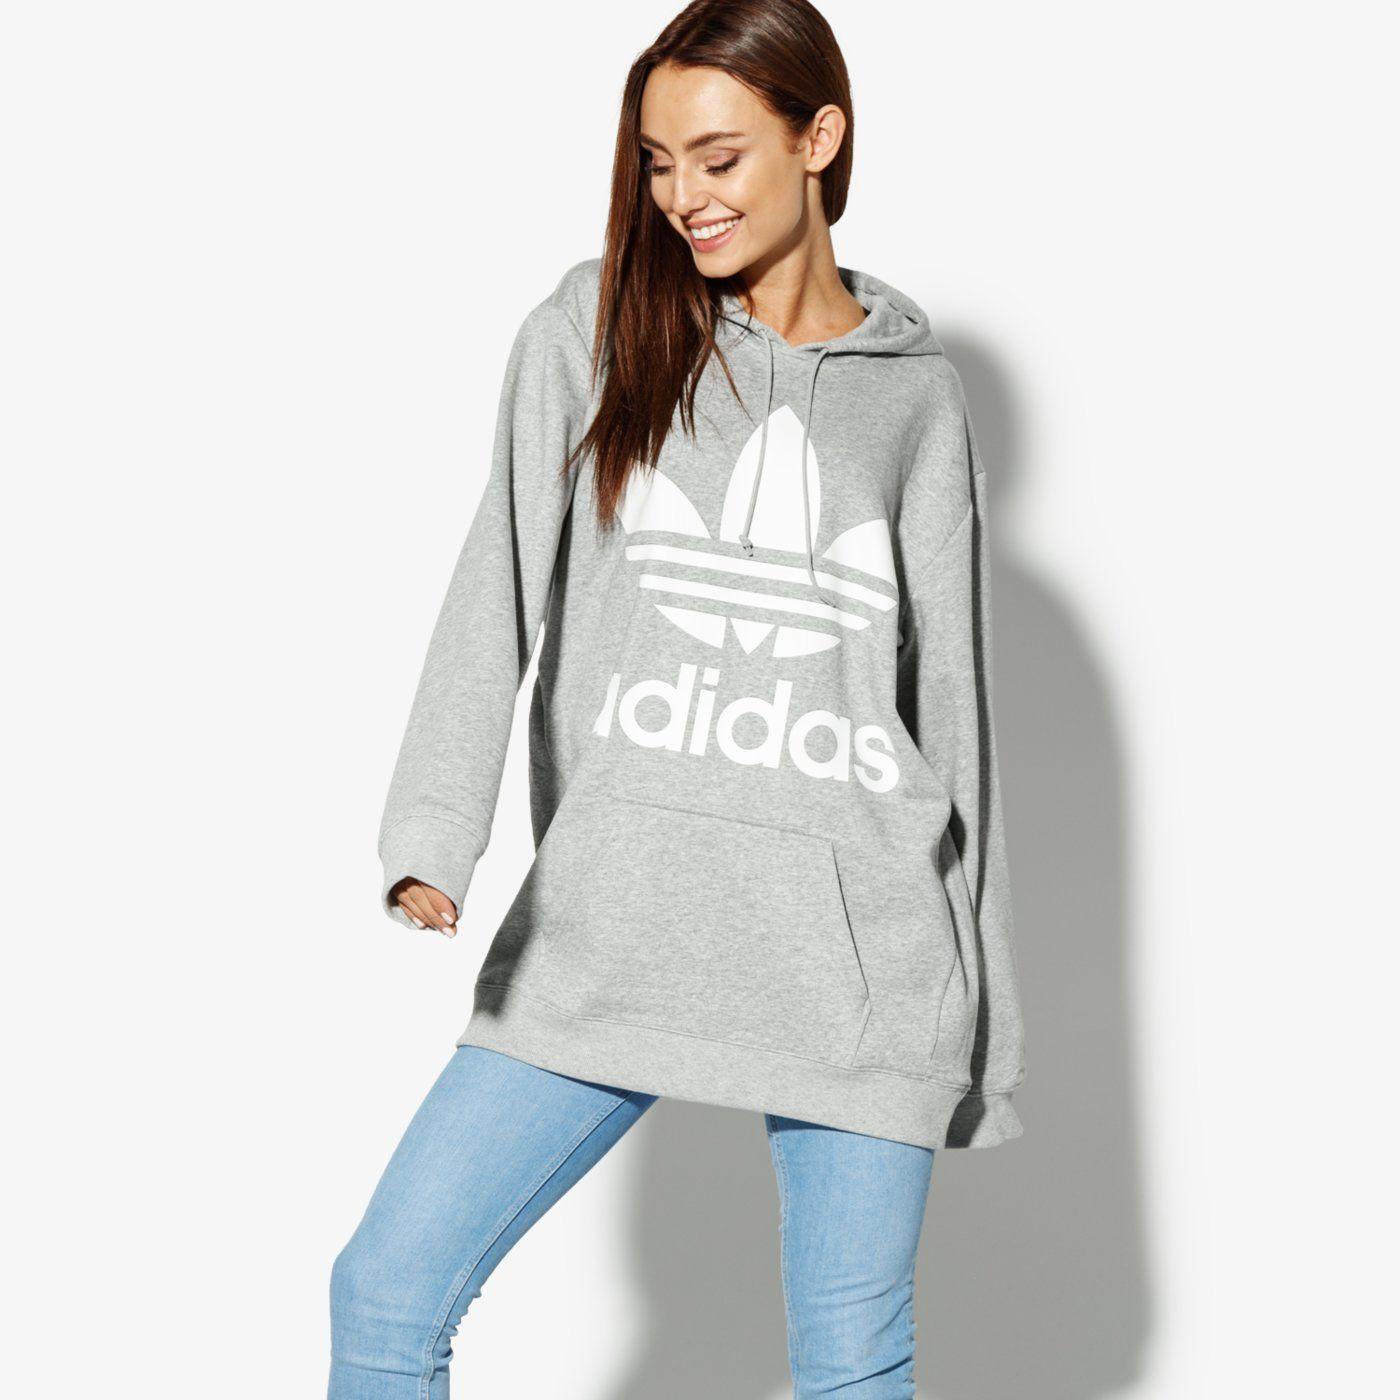 ADIDAS BLUZA SWEATER BS4276   kolor BIAŁY   Damskie Bluzy   Odzież w ✪ Sklep Sizeer ✪